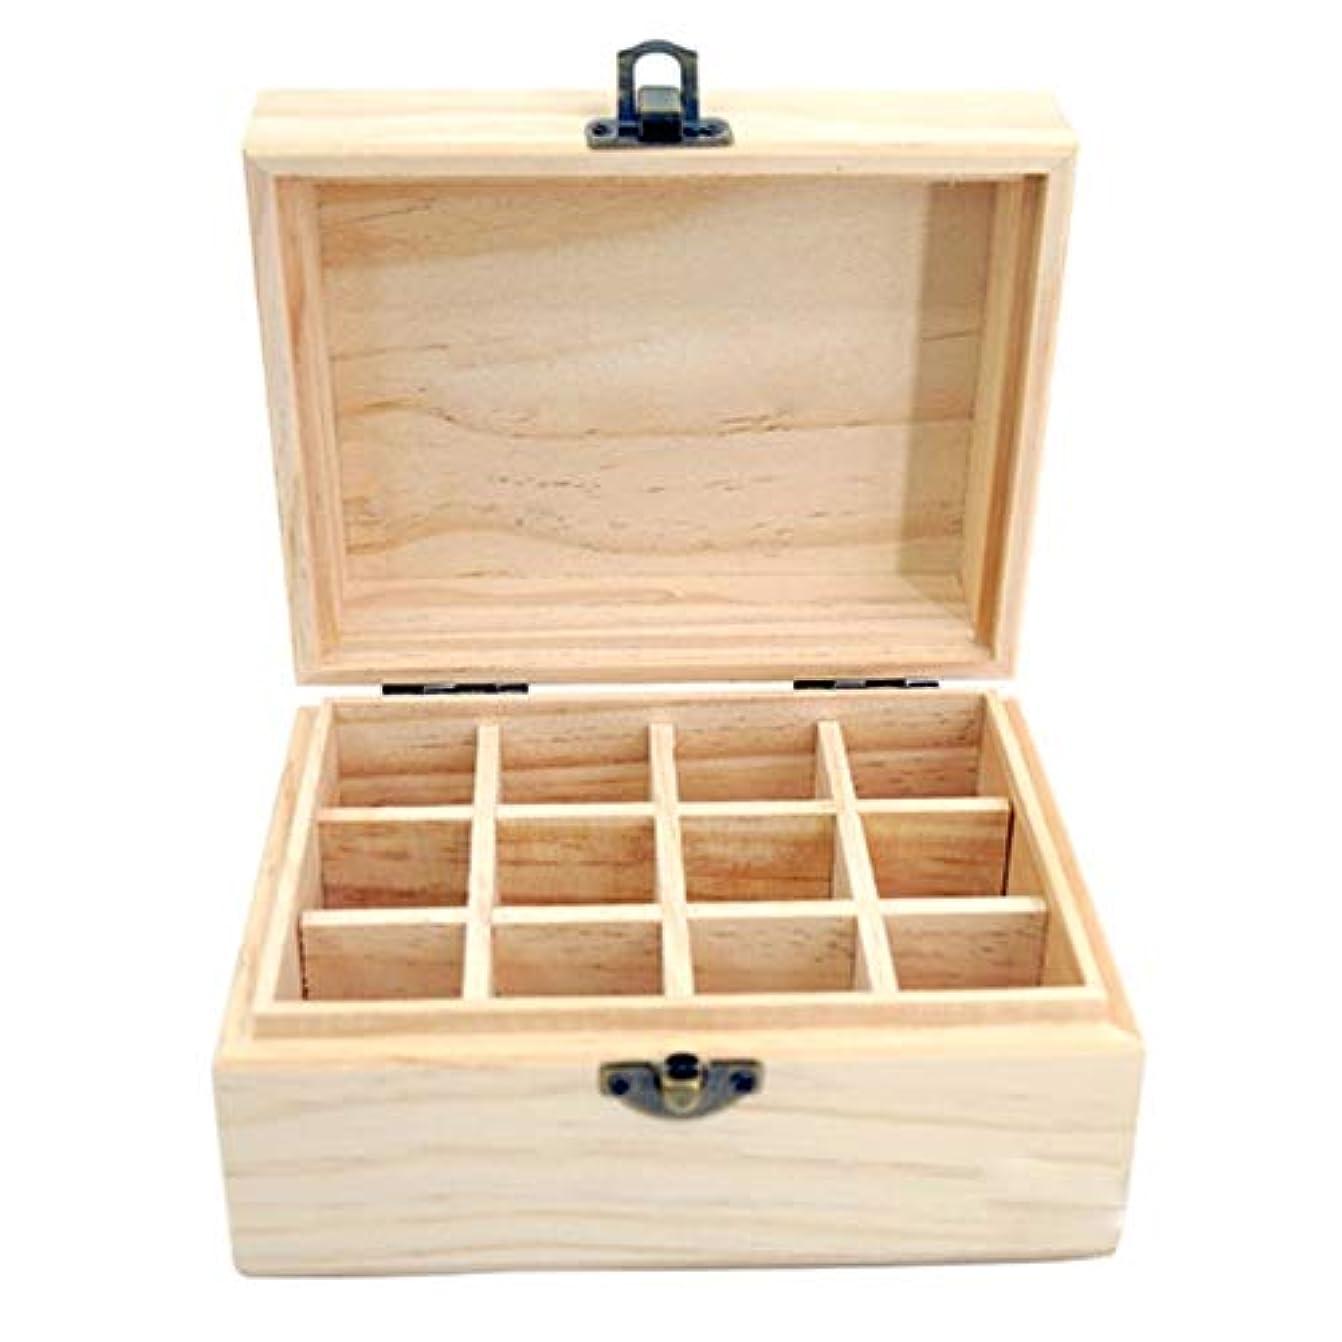 混合不快真似るエッセンシャルオイルストレージボックス 18スロットエッセンシャルオイル木製ボックス収納ケースは、あなたの油安全保護さを保つ保護します 旅行およびプレゼンテーション用 (色 : Natural, サイズ : 15X11.5X8CM)